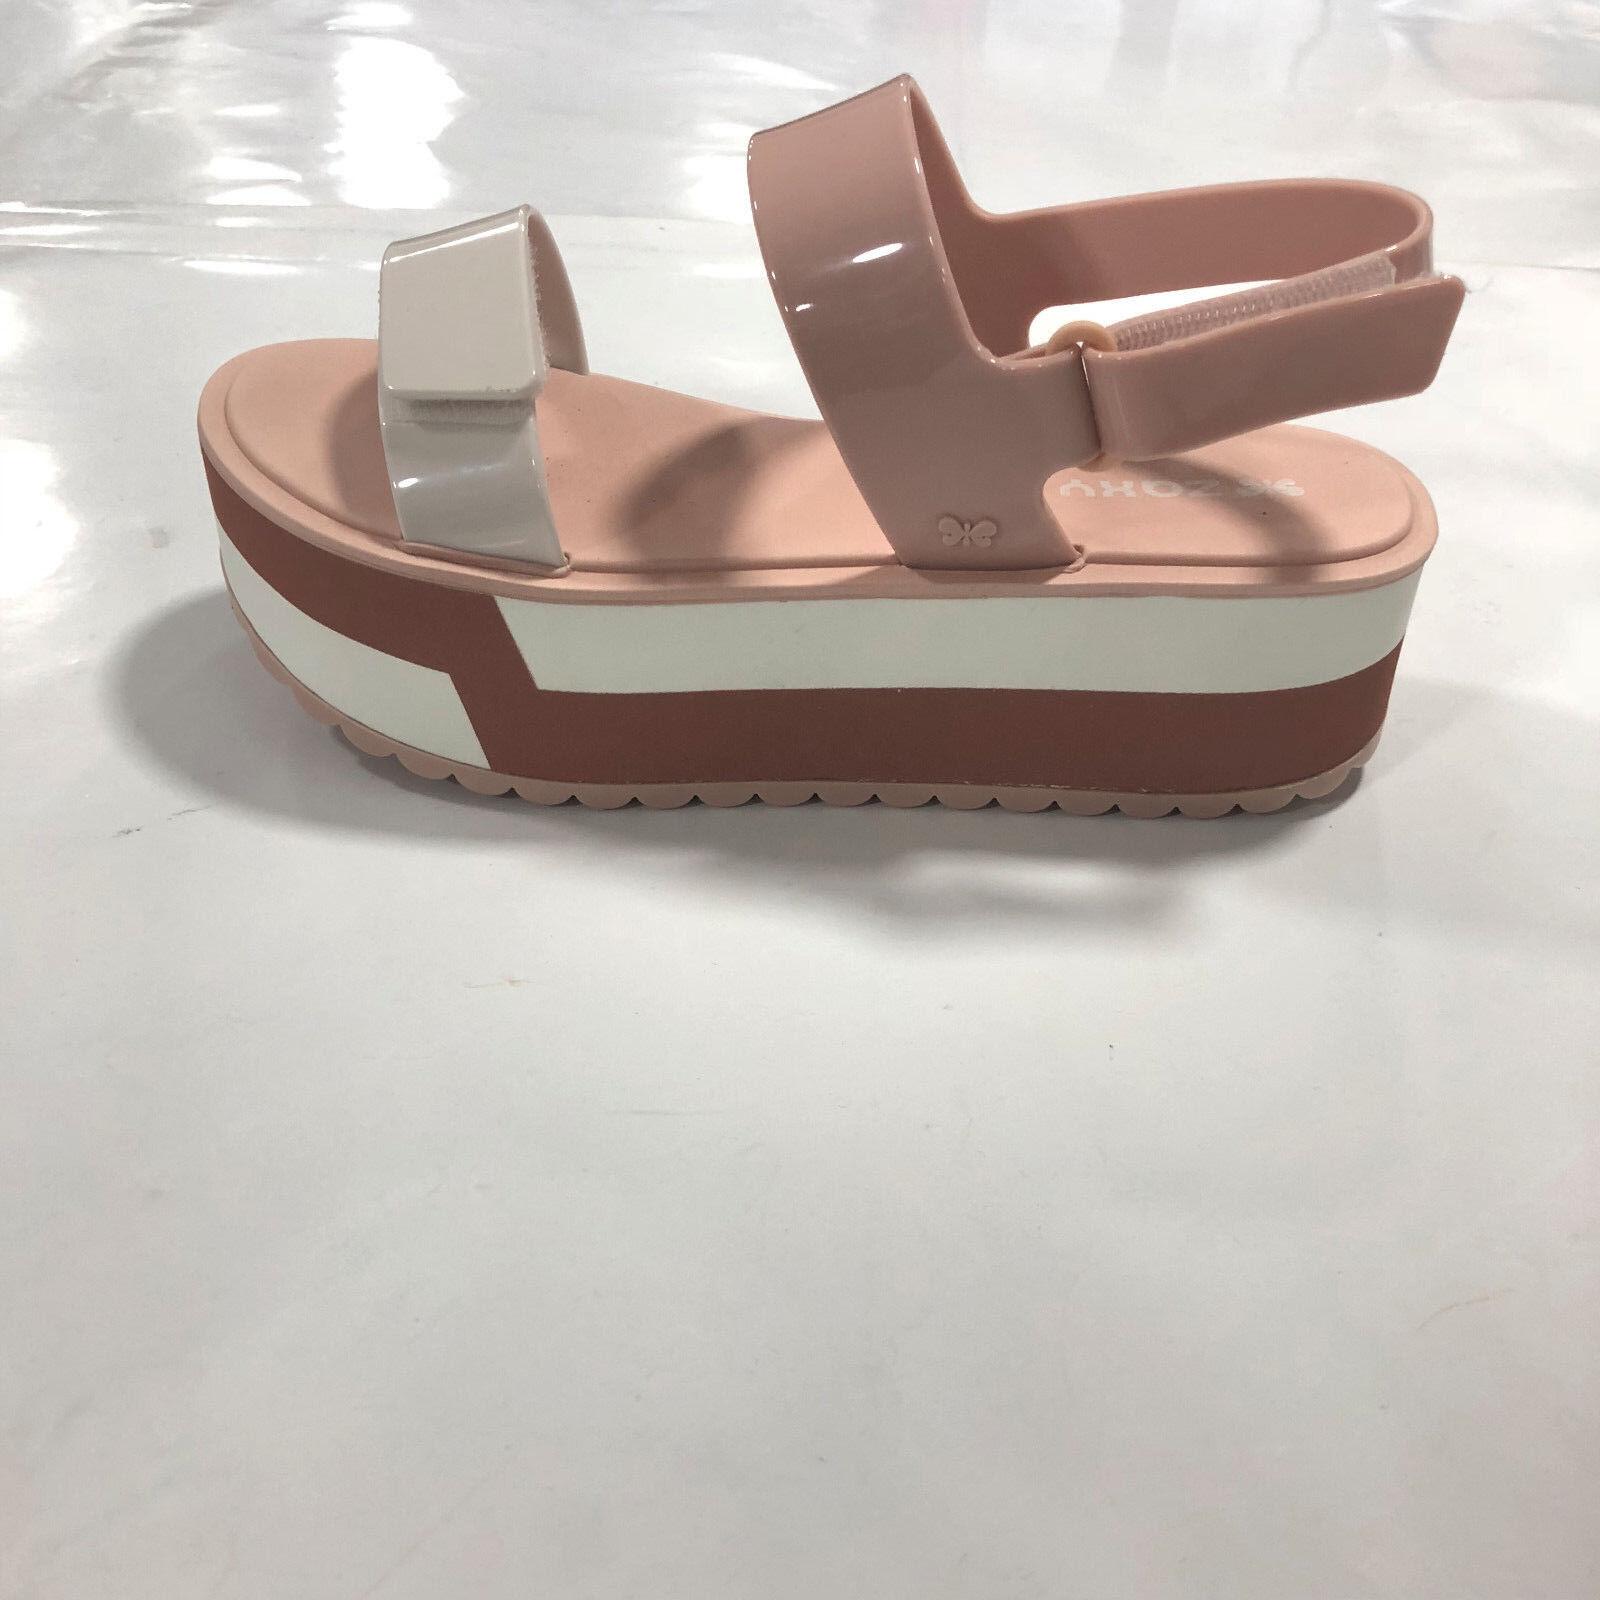 Sandalo Zaxy damen - Slash Plat - Rosa Cipria Cipria Cipria - 17525 a03ff4